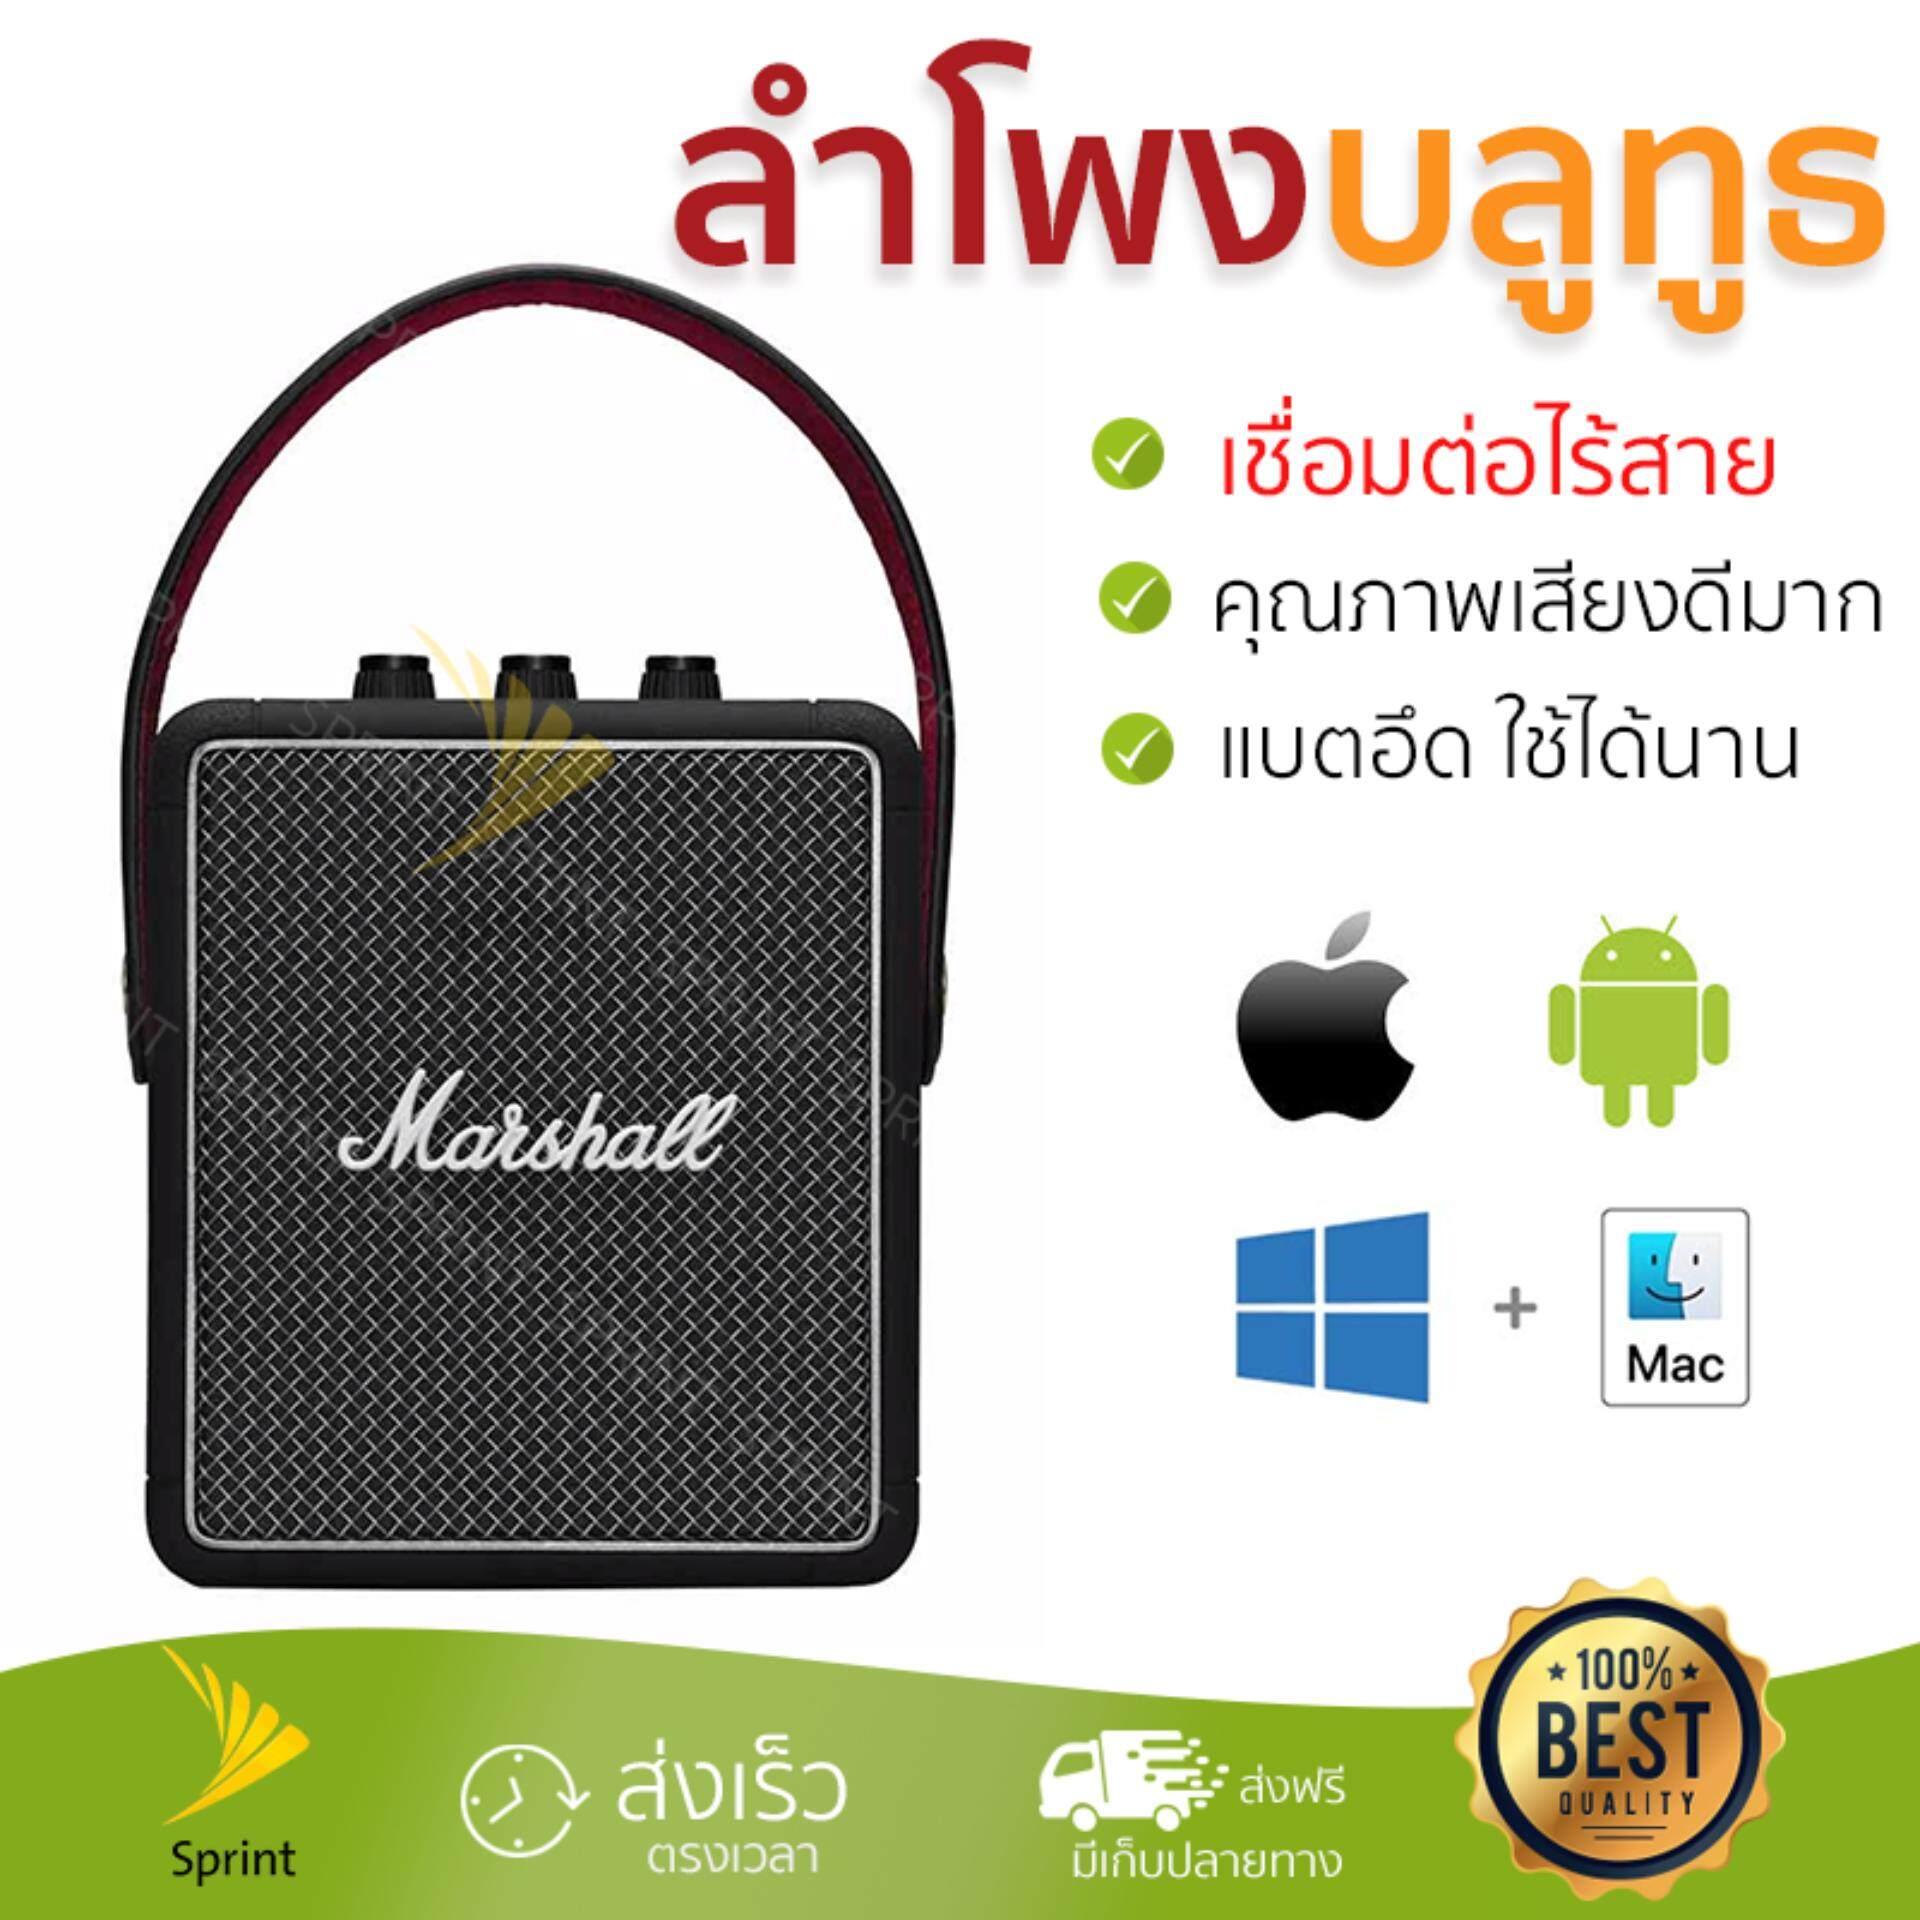 มหาสารคาม จัดส่งฟรี ลำโพงบลูทูธ  Marshall Bluetooth Speaker 2.1 STOCKWELL II Black เสียงใส คุณภาพเกินตัว Wireless Bluetooth Speaker รับประกัน 1 ปี